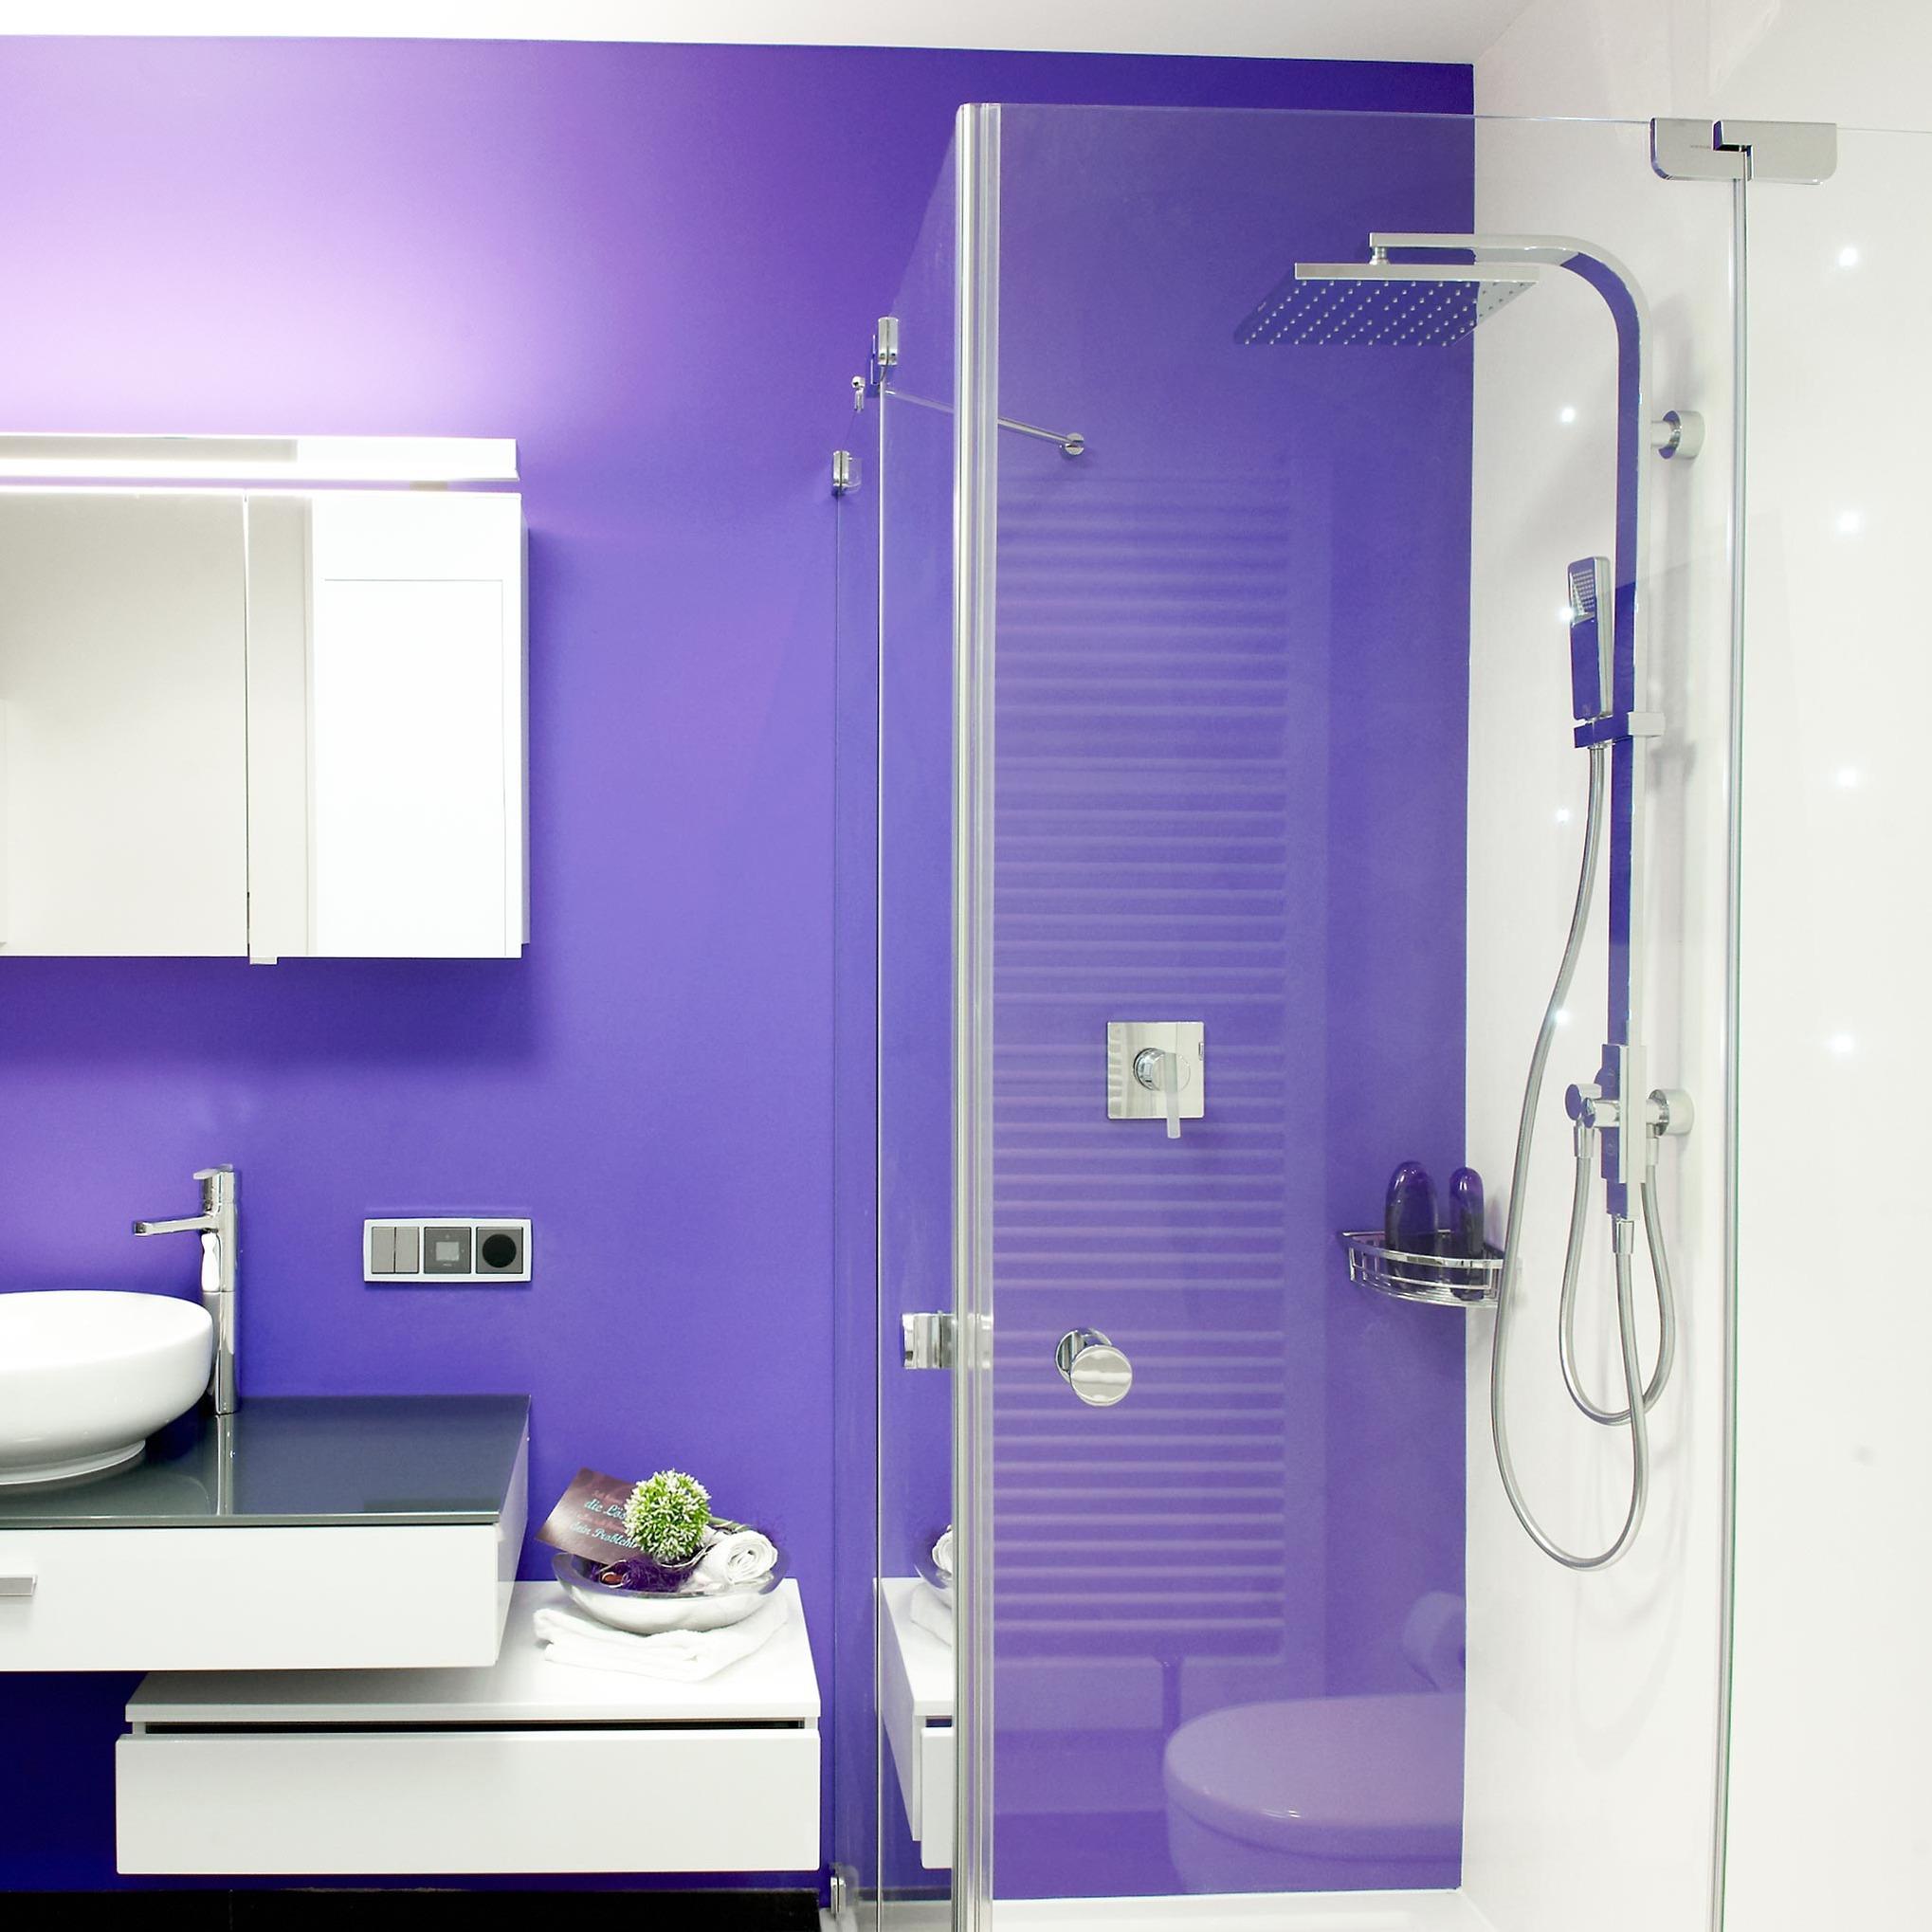 referenzen wasser gut sonntag 4 wasser r ume maler kudra raumplanung und. Black Bedroom Furniture Sets. Home Design Ideas